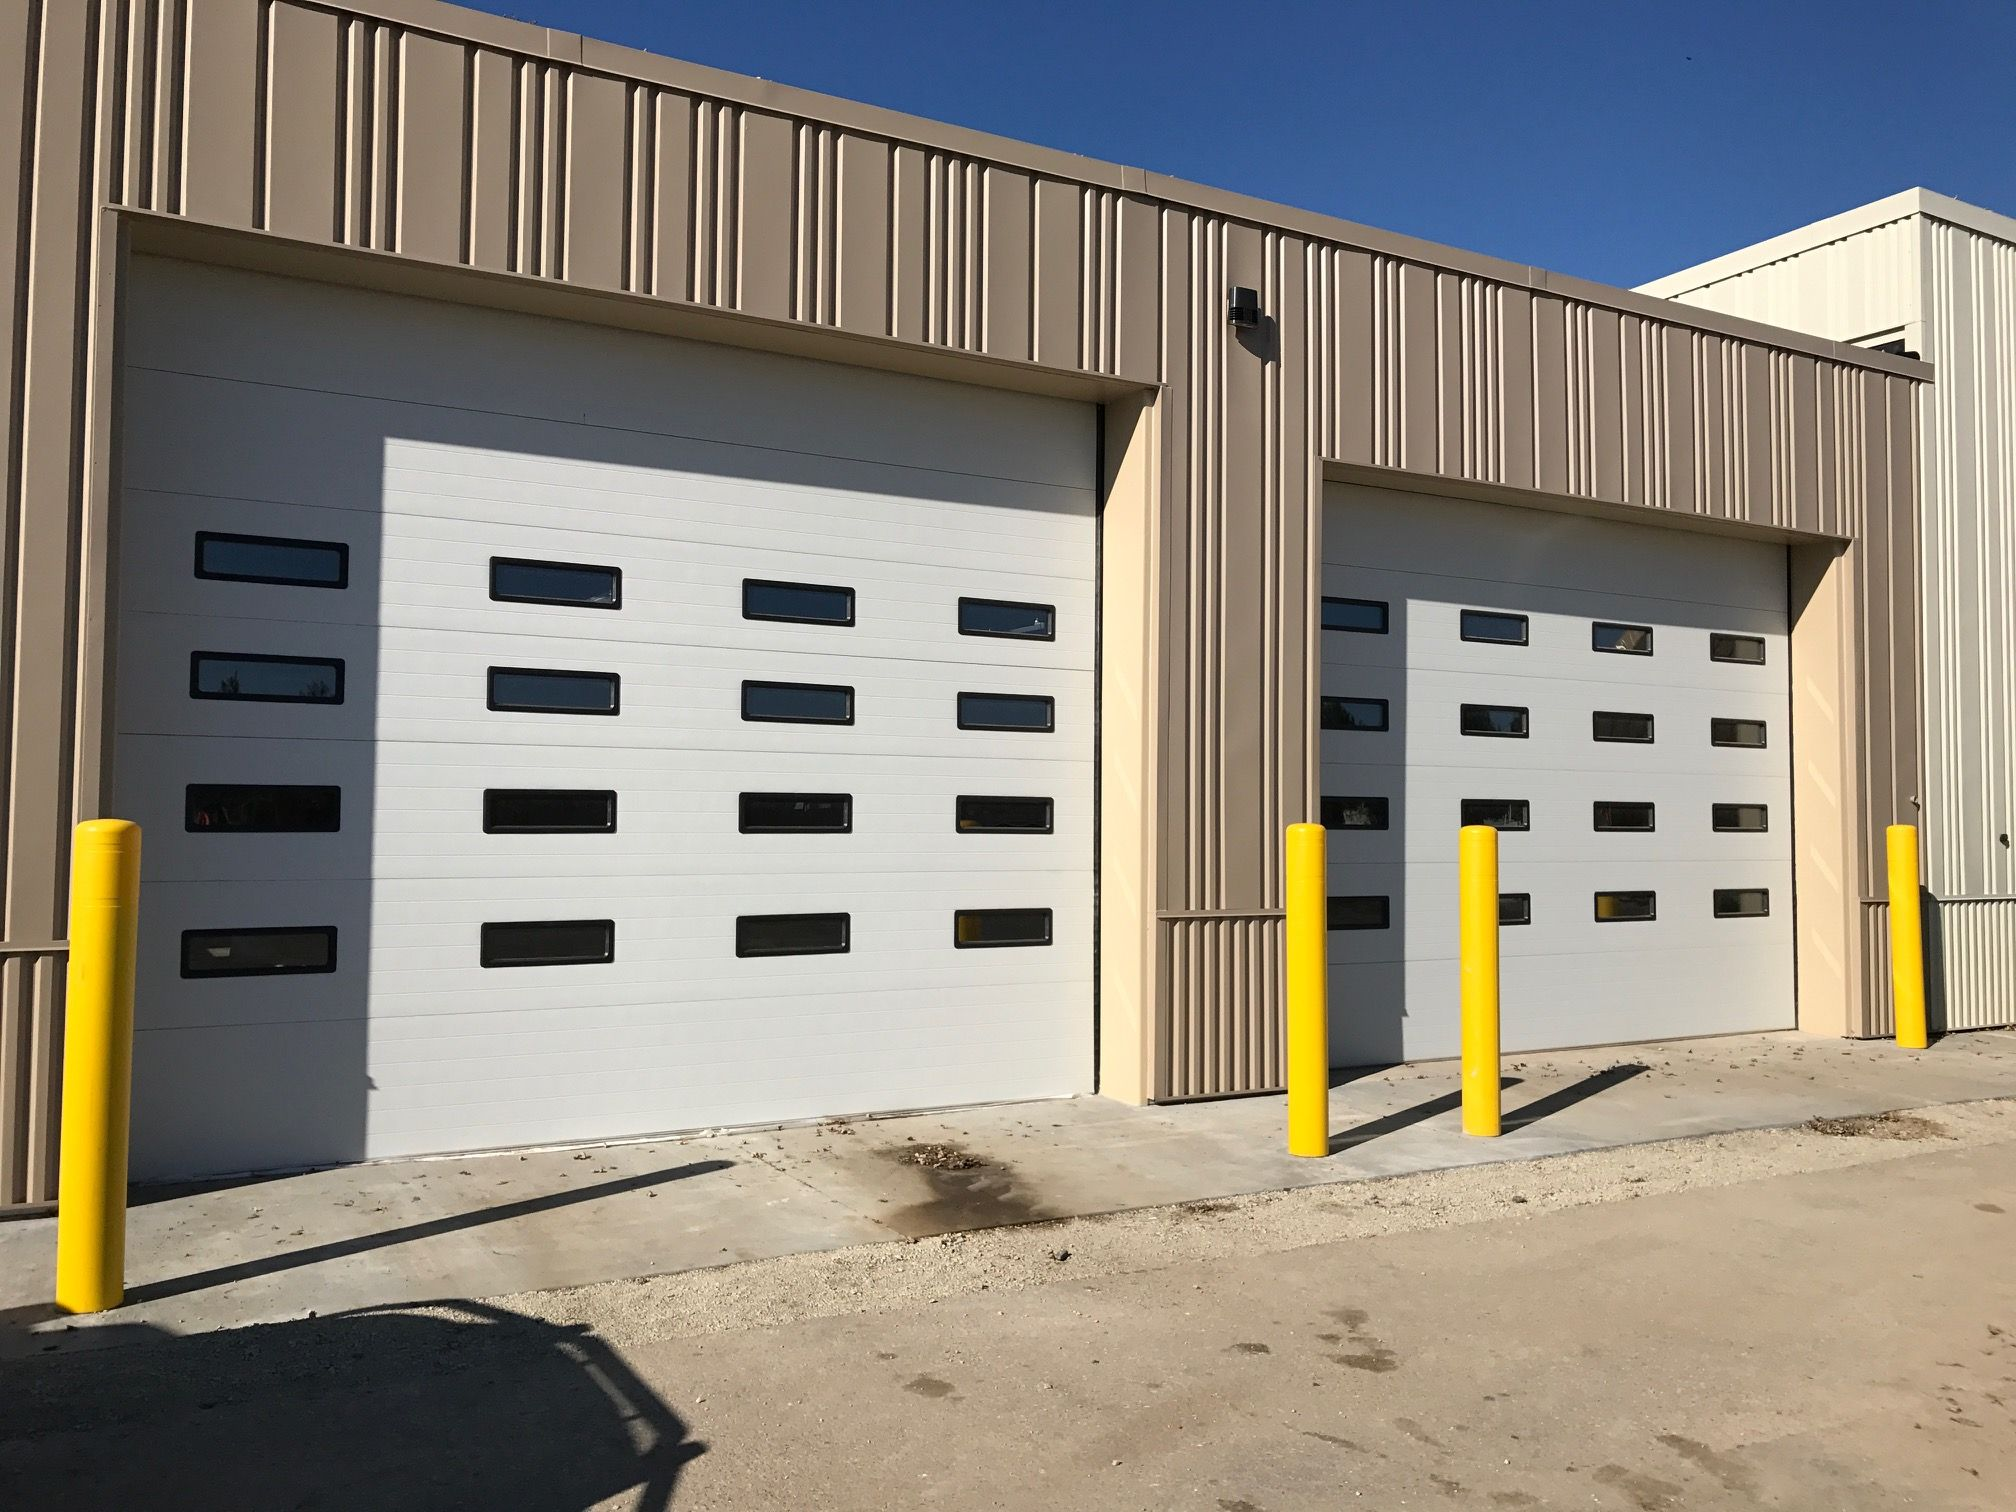 Pin By Quality Overhead Door On Commercial Garage Doors Garage